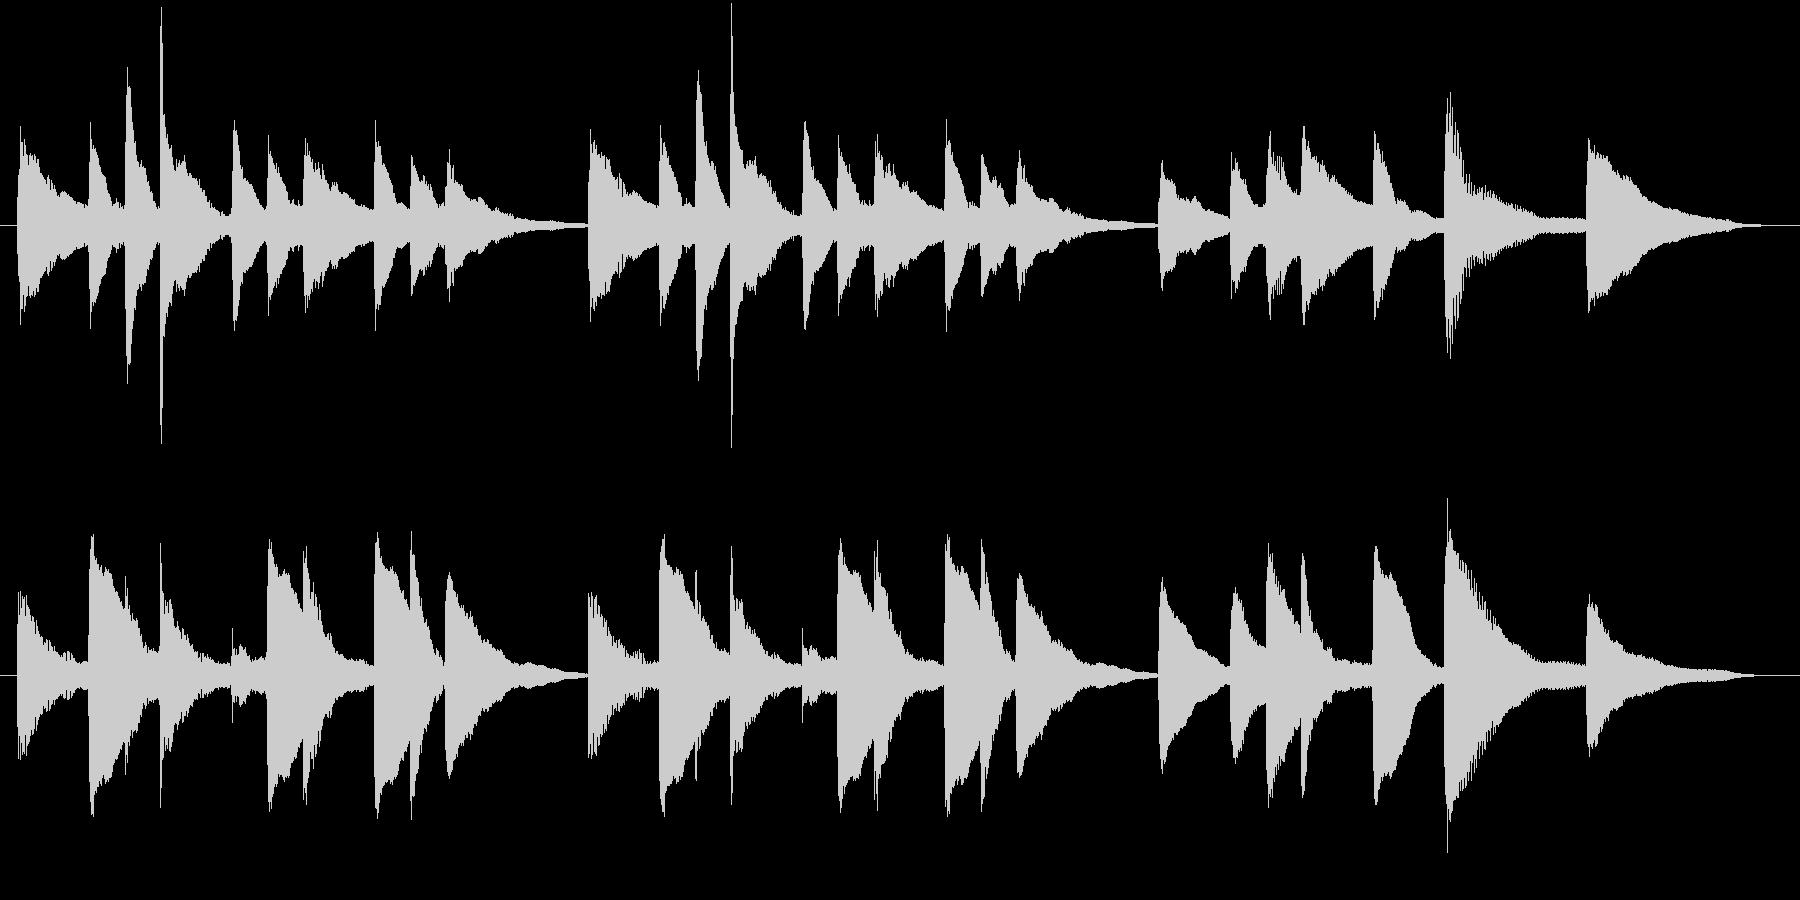 穏やか、ほのぼのとしたピアノのジングルの未再生の波形